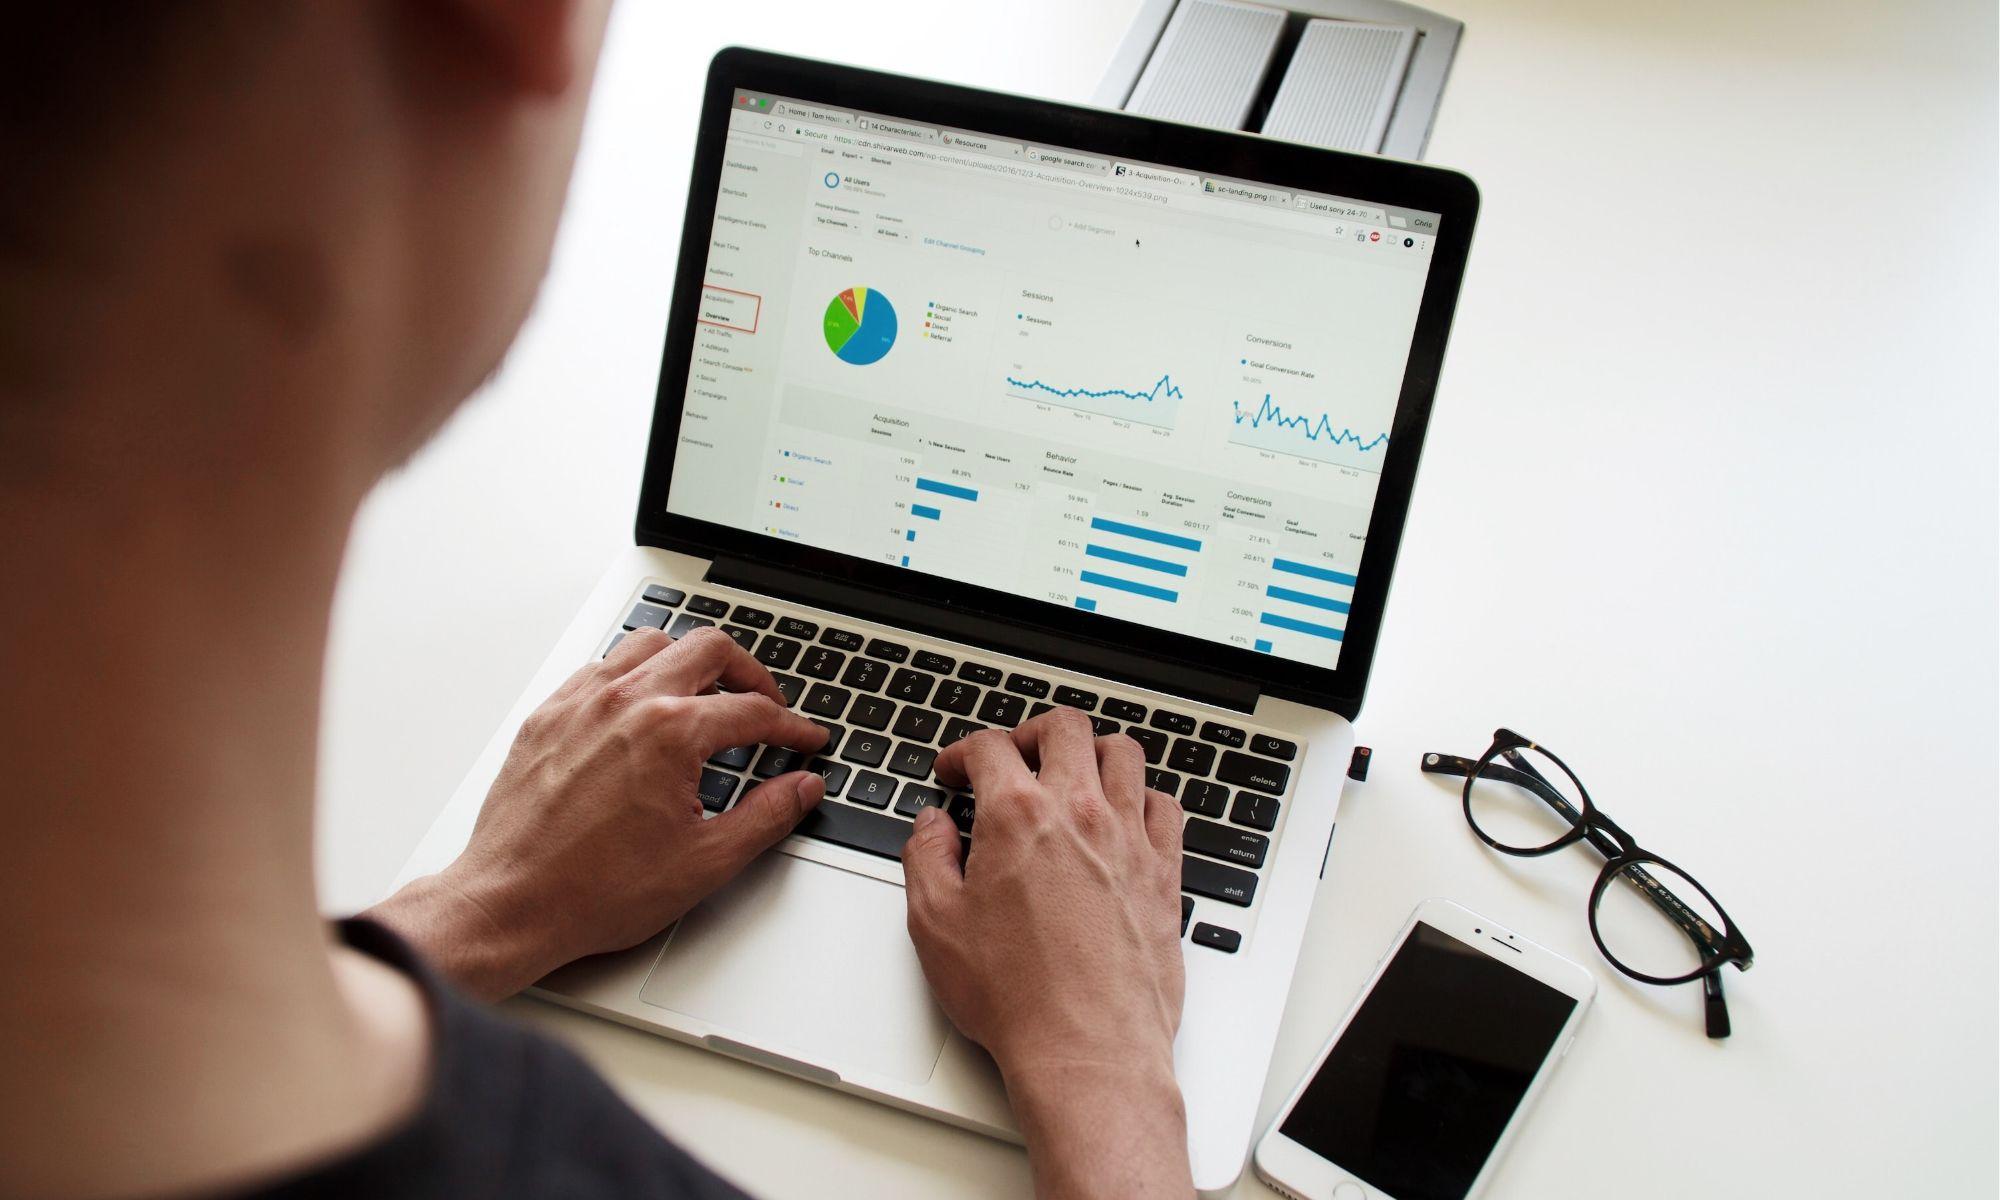 Patērētāji pieprasa pilnīgus un uzticamus produktu datus